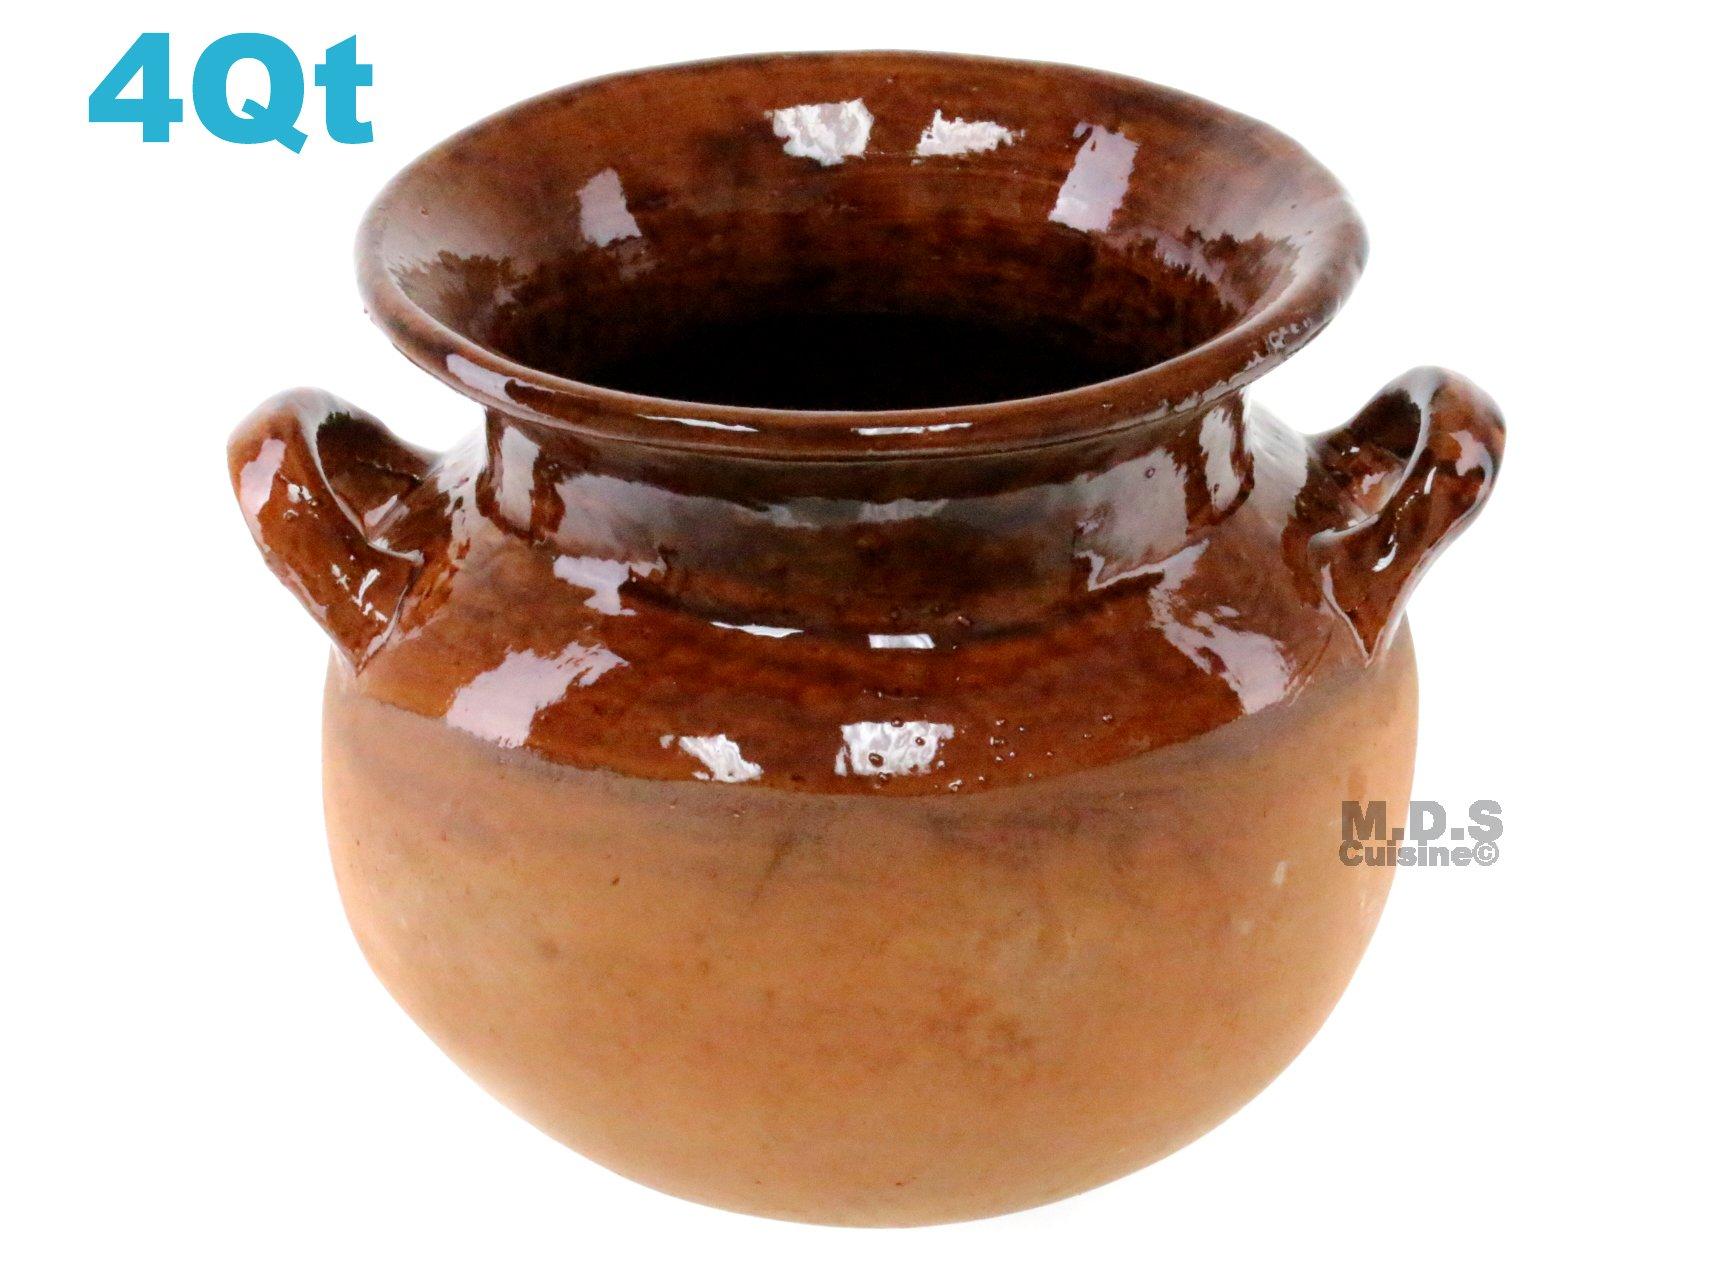 Olla De Barro Frijolera Brown Gloss Finish 4 Qt. Canterito Traditional Decorative Artisan Artezenia Lead Free Fishbowl